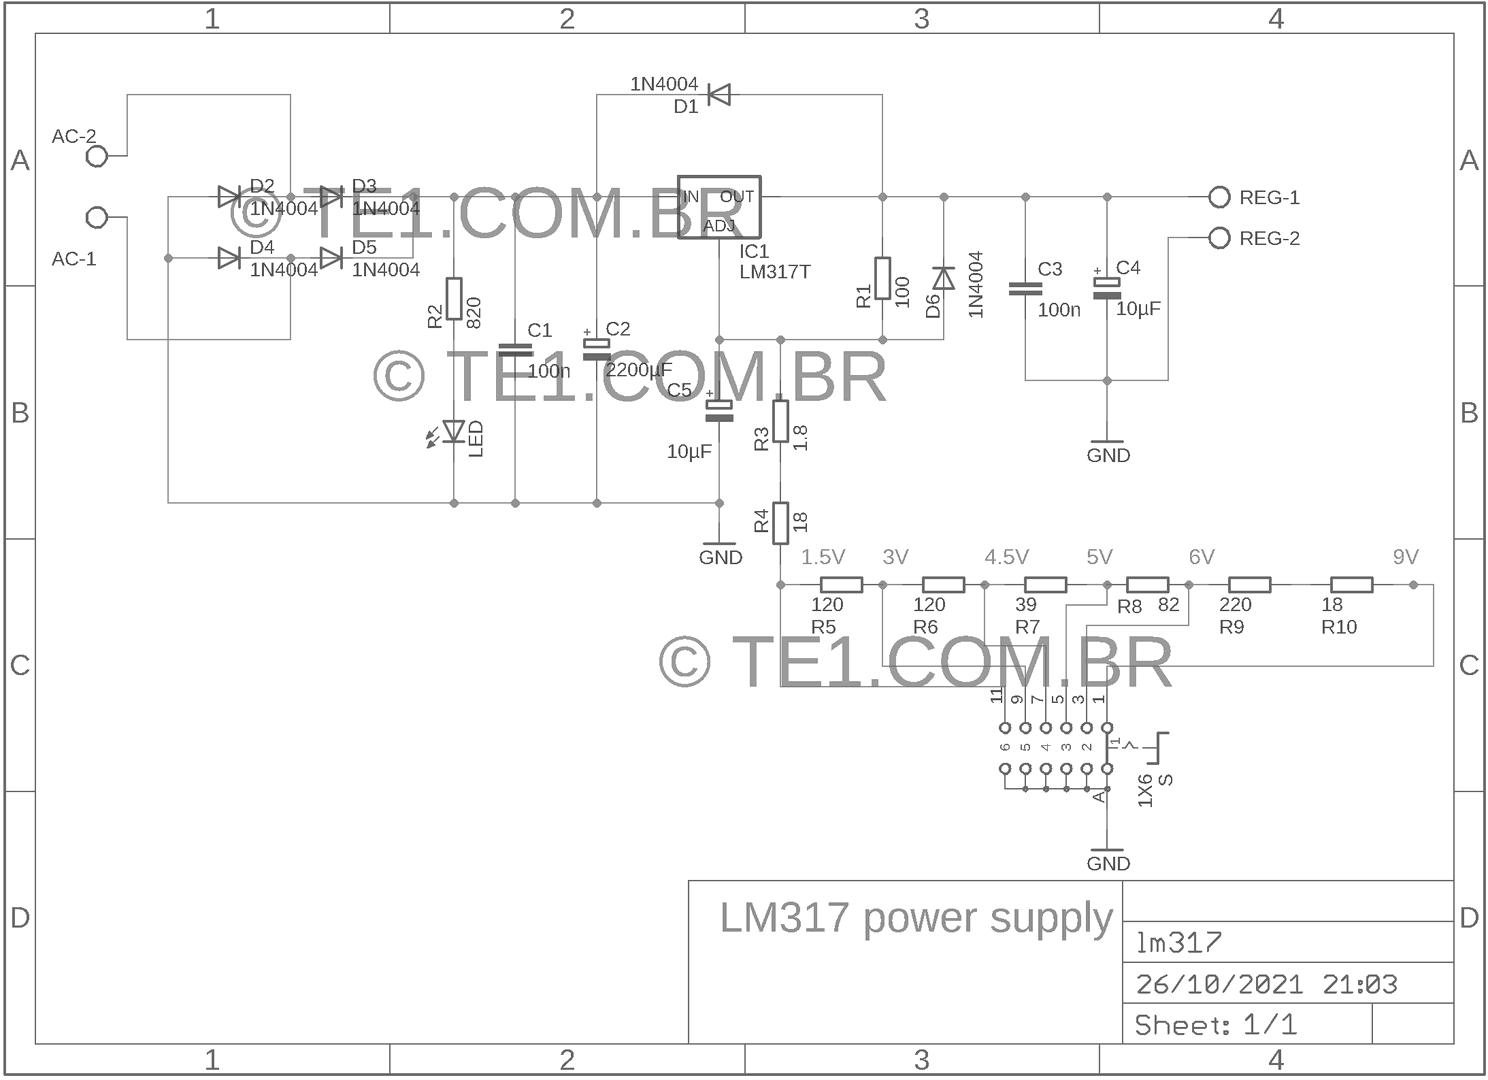 Circuito Lm317 : Circuito de eliminador pilhas e bateria com lm